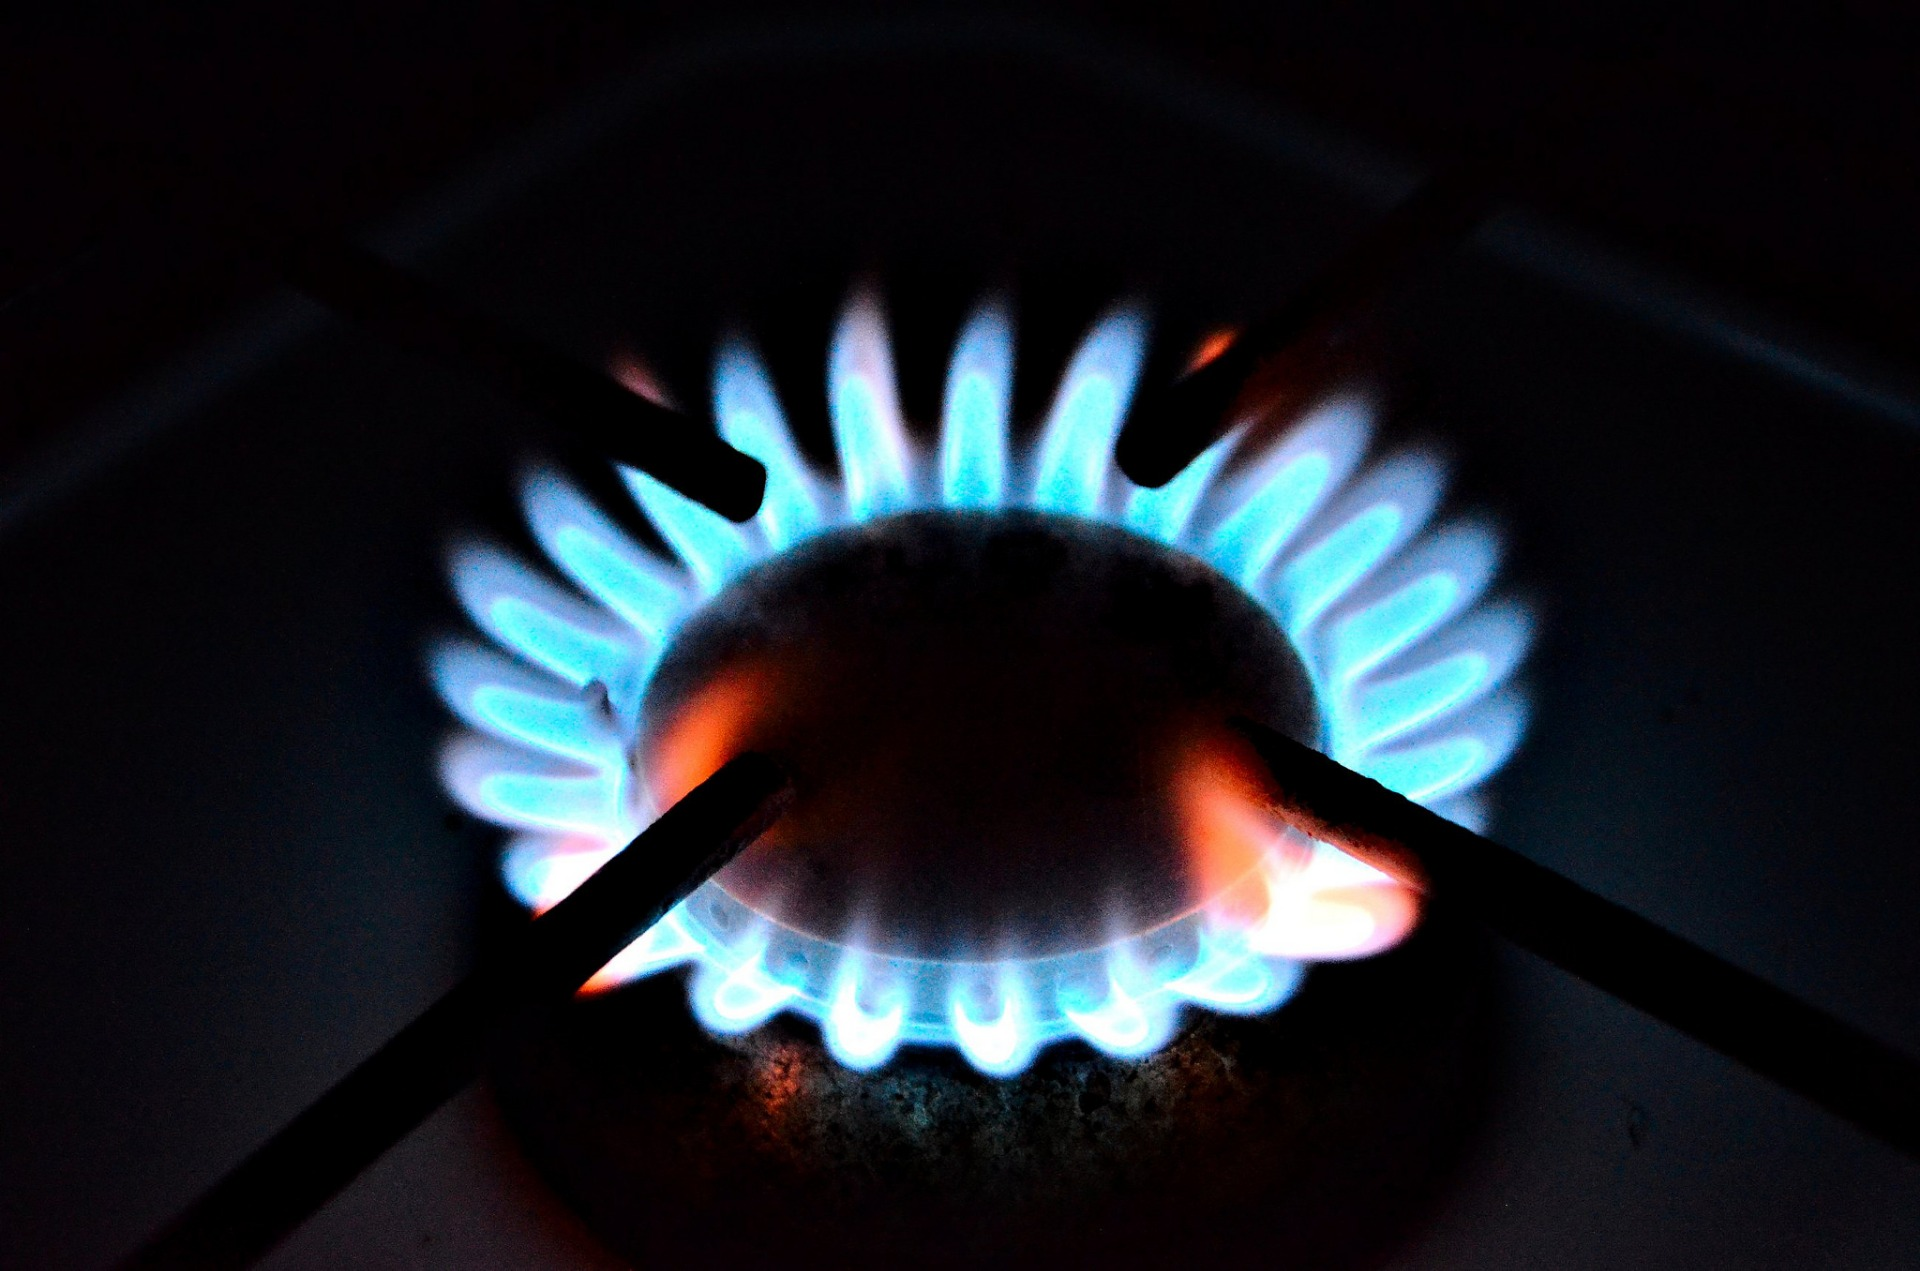 Малообеспеченным жителям Тверской области возместят затраты на подключение газа